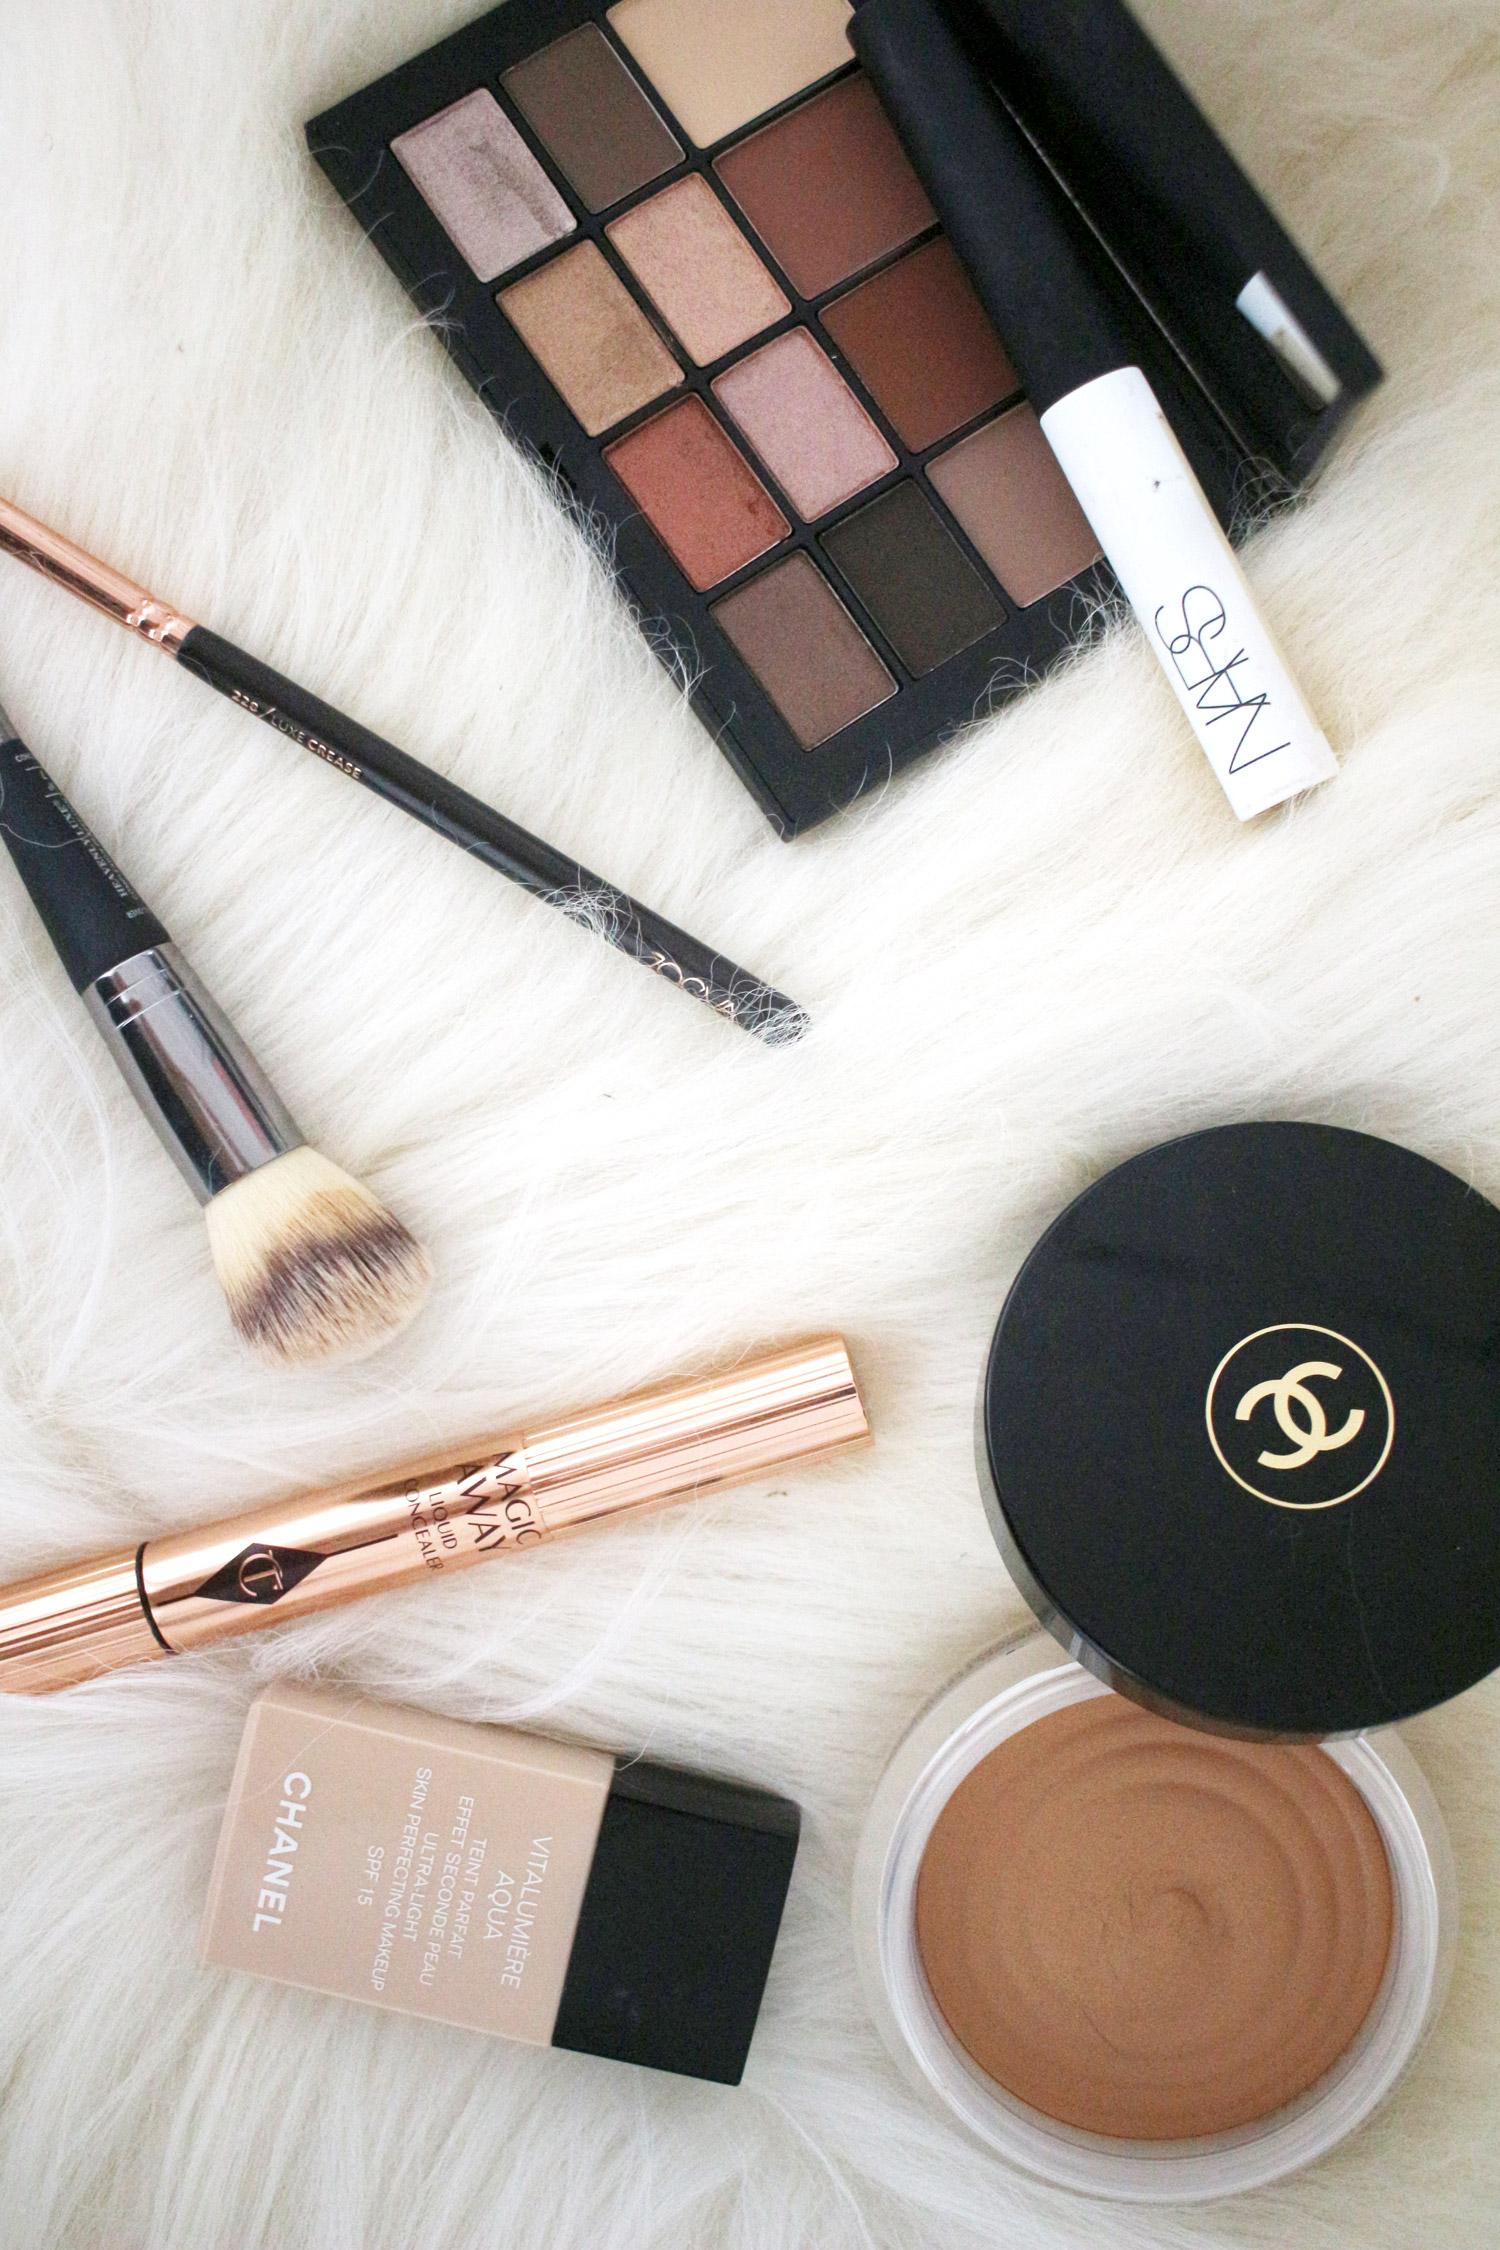 nars-skin-deep-eyeshadow-palette-charlotte-tilbury-concealer-etc-4